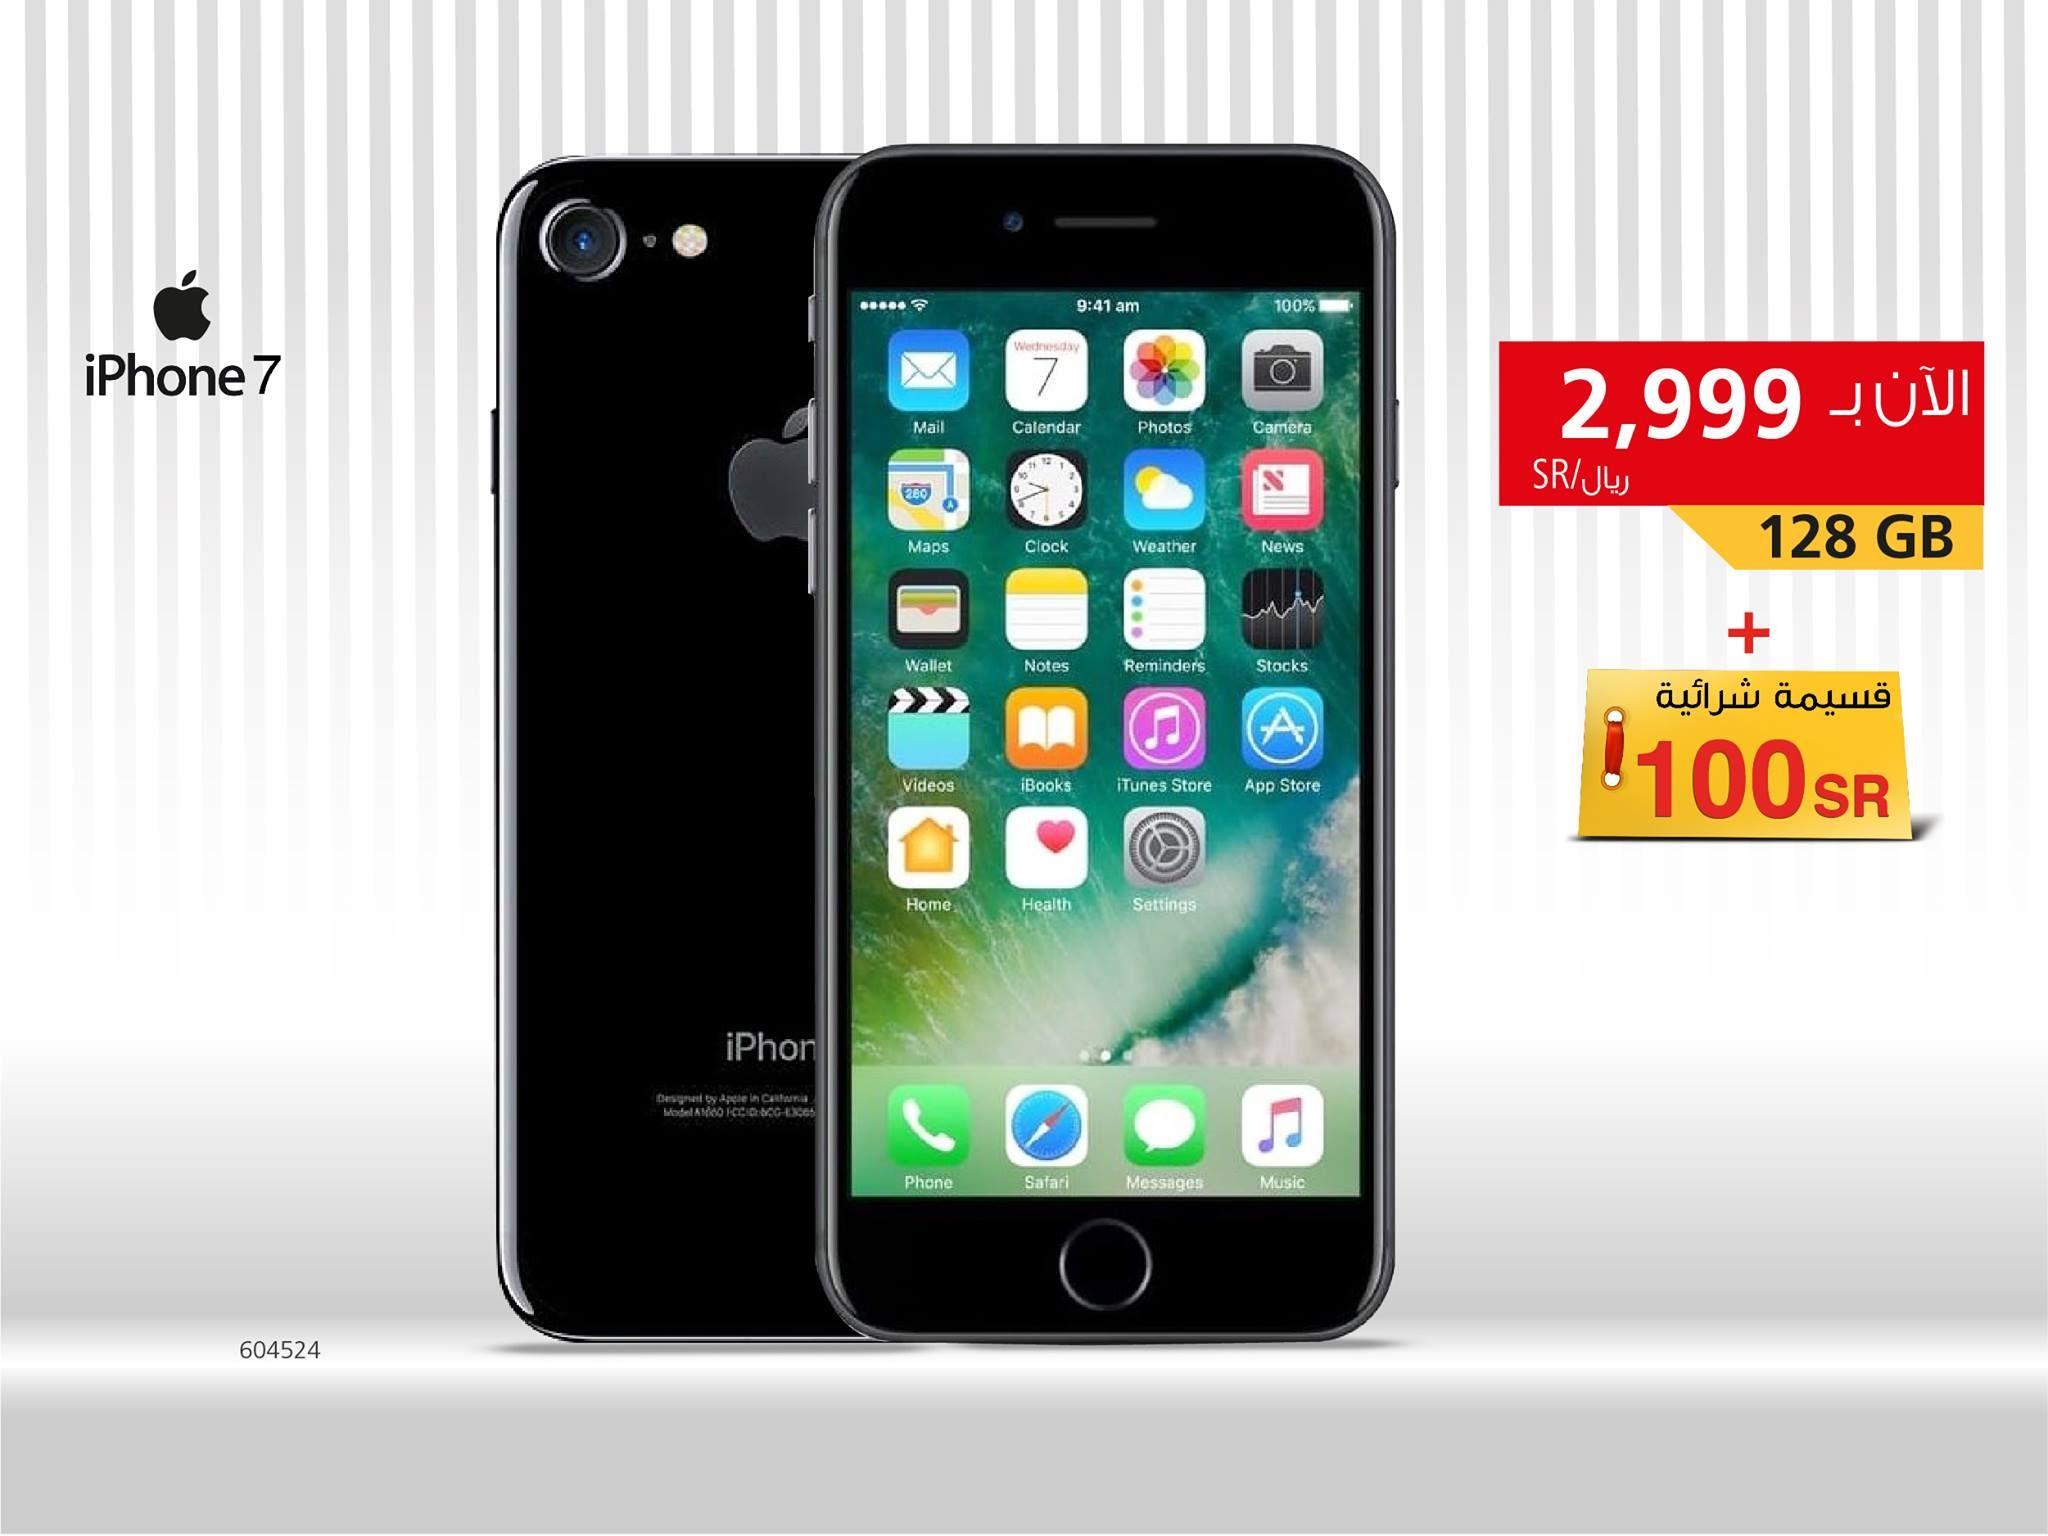 سعر ايفون 7 بدون فيس تايم 128 جيجا في اكسايت للالكترونيات عروض اليوم Iphone 7 Price Mobile Offers Iphone 7